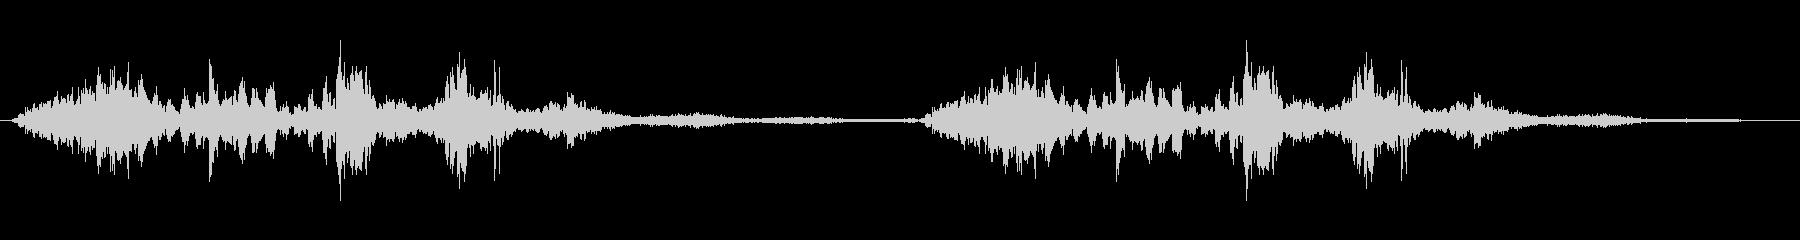 環境音 SFフラッター06の未再生の波形